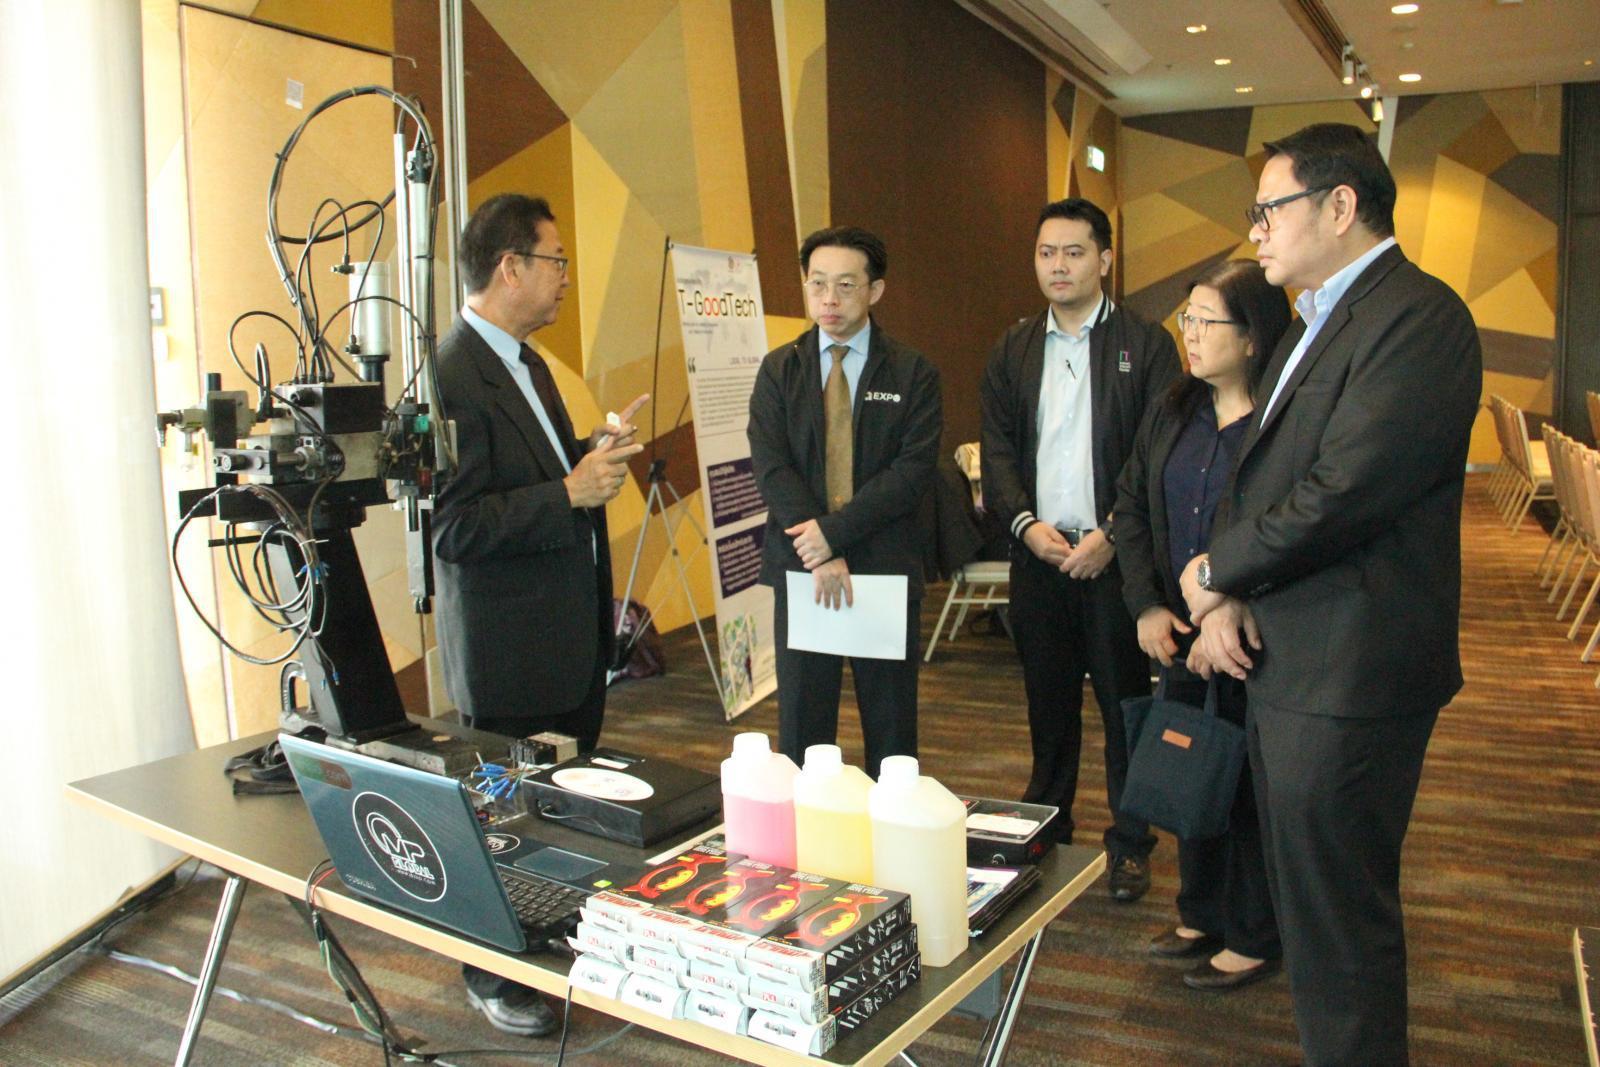 กสอ.จับมือ มจพ. พัฒนาผู้ประกอบการอุตสาหกรรมไทย สู่อุตสาหกรรม 4.0